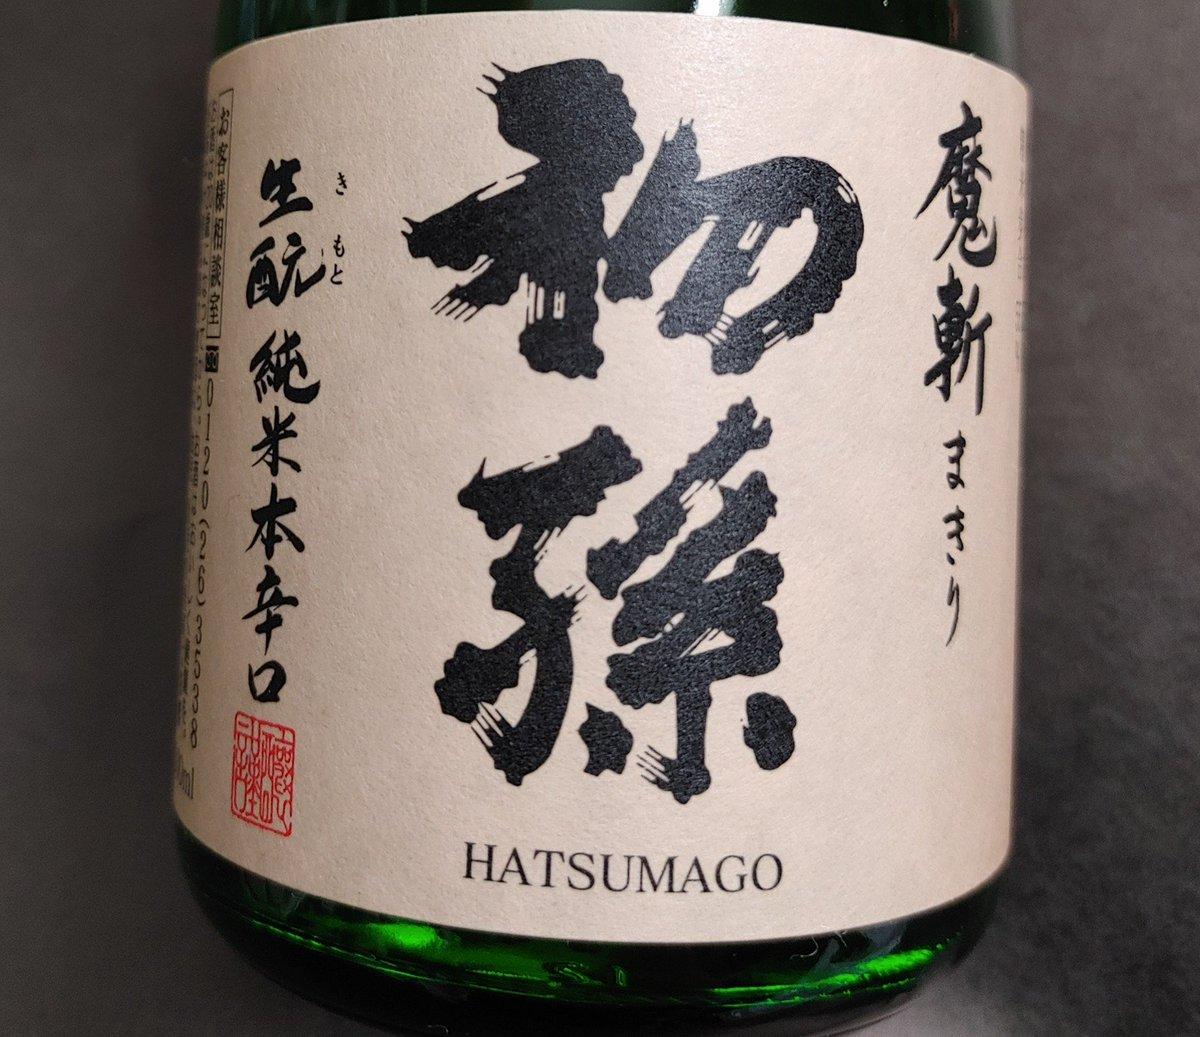 test ツイッターメディア - いつもよくしてくださる人に初孫さんができる✨お祝いに山形の日本酒「初孫」をプレゼント🍶☺️ https://t.co/1cx5imFUln